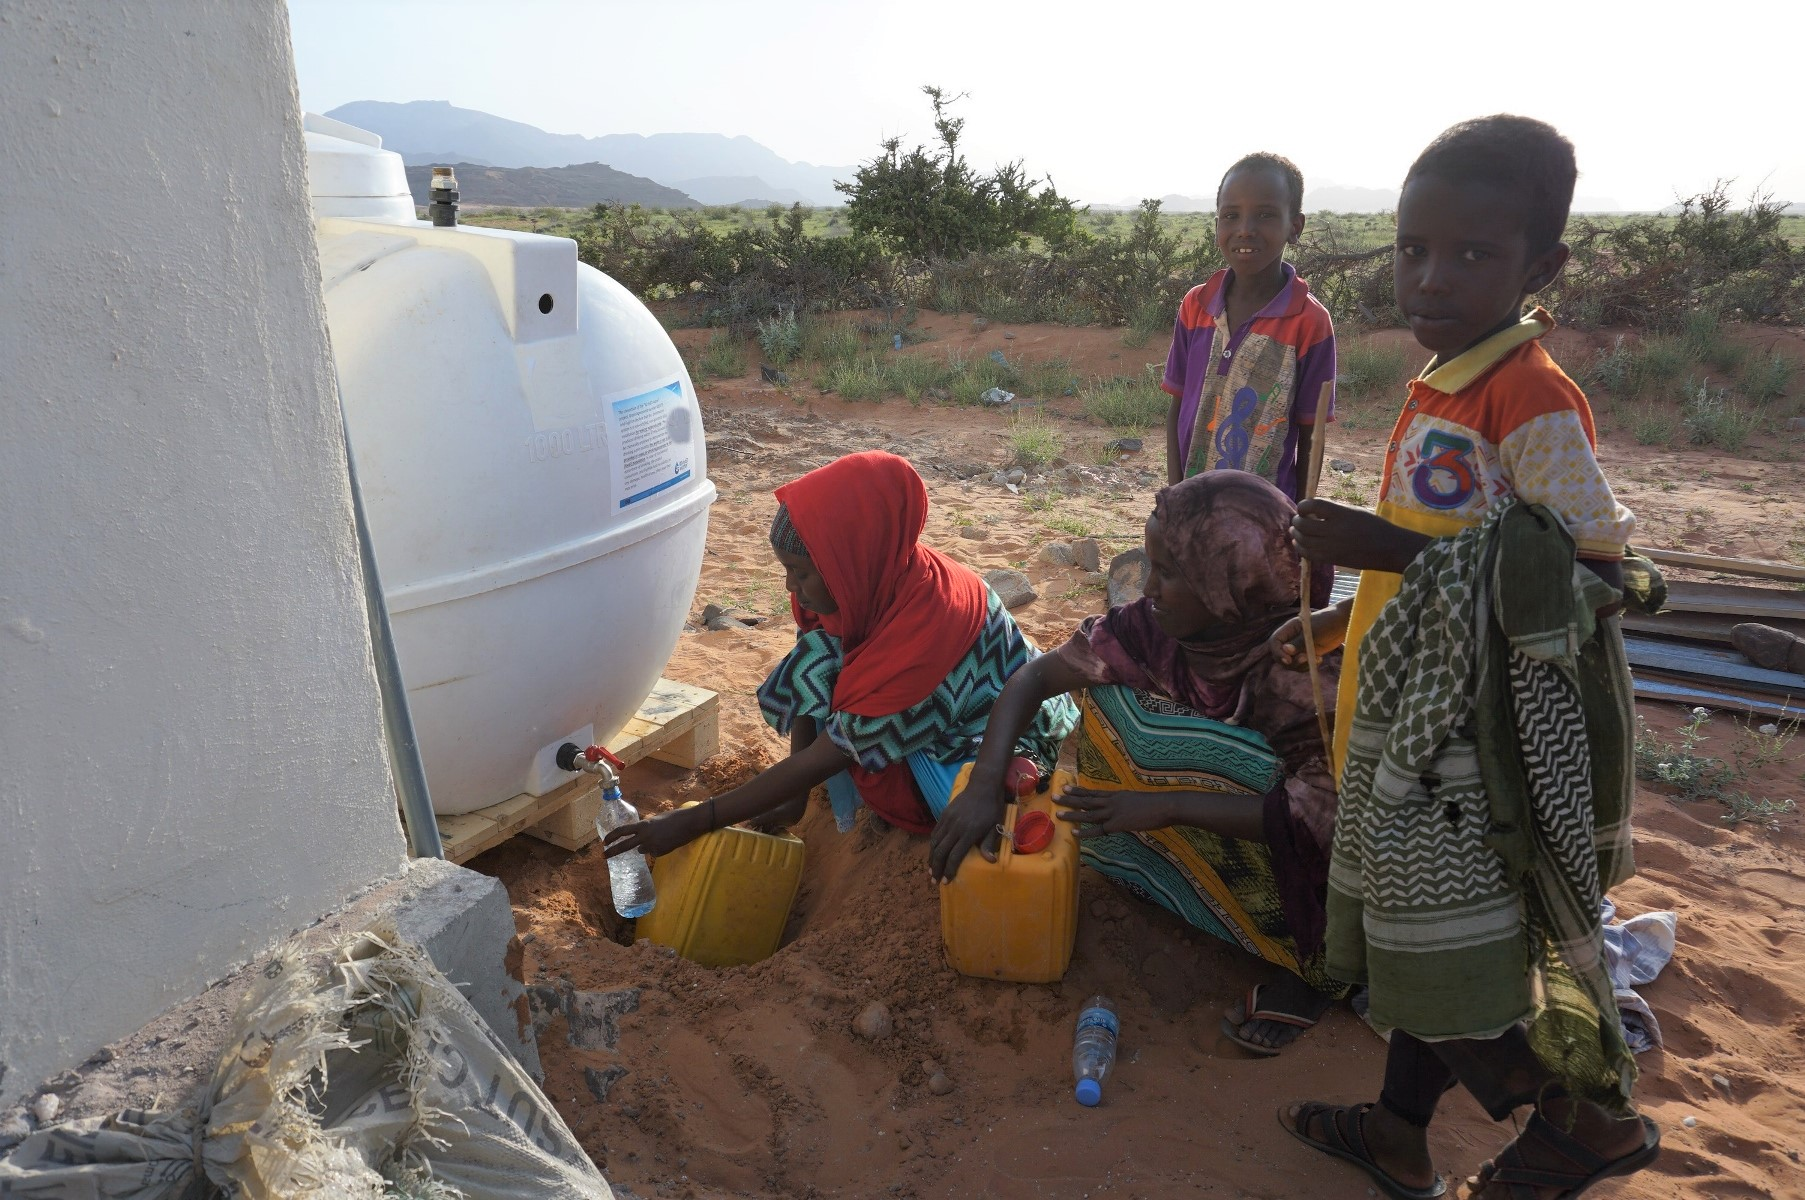 Villagers with the water desinlation system in Beyo Gulan, Somaliland (Source Phaesun)